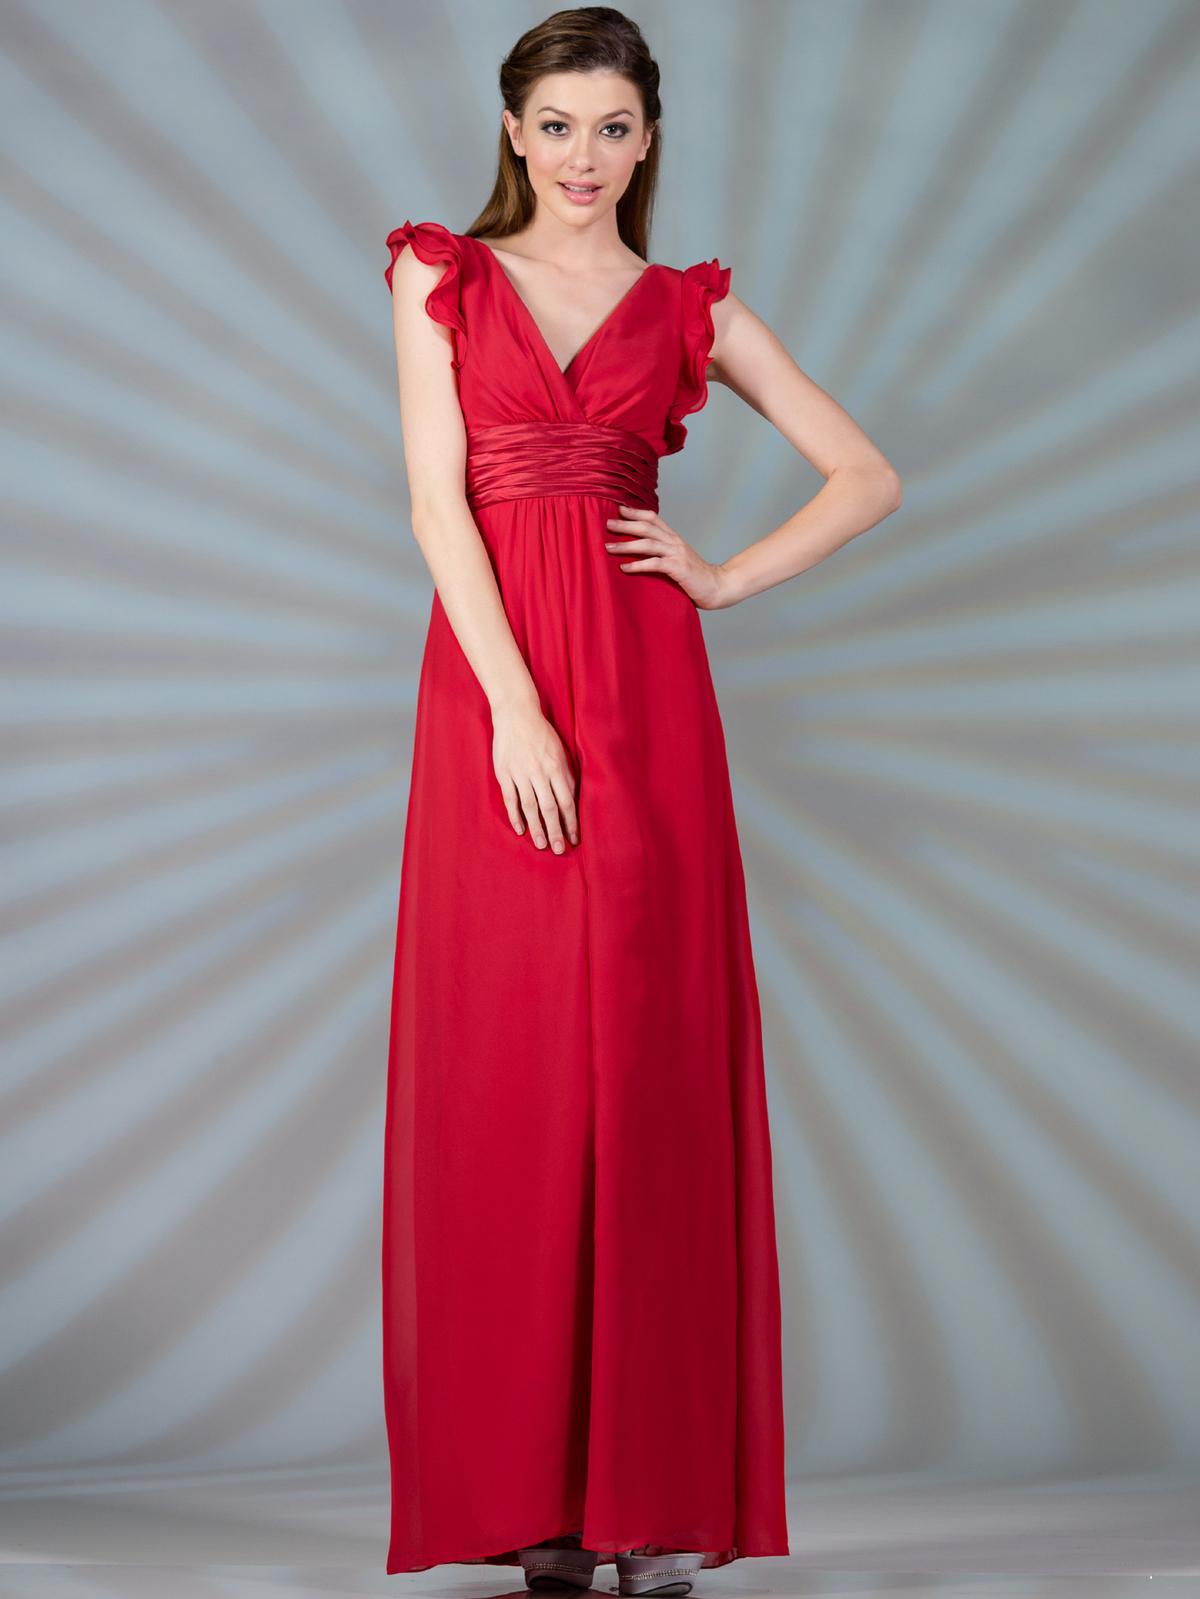 Satin Empire-Waist Evening Dress - Sung Boutique L.A.